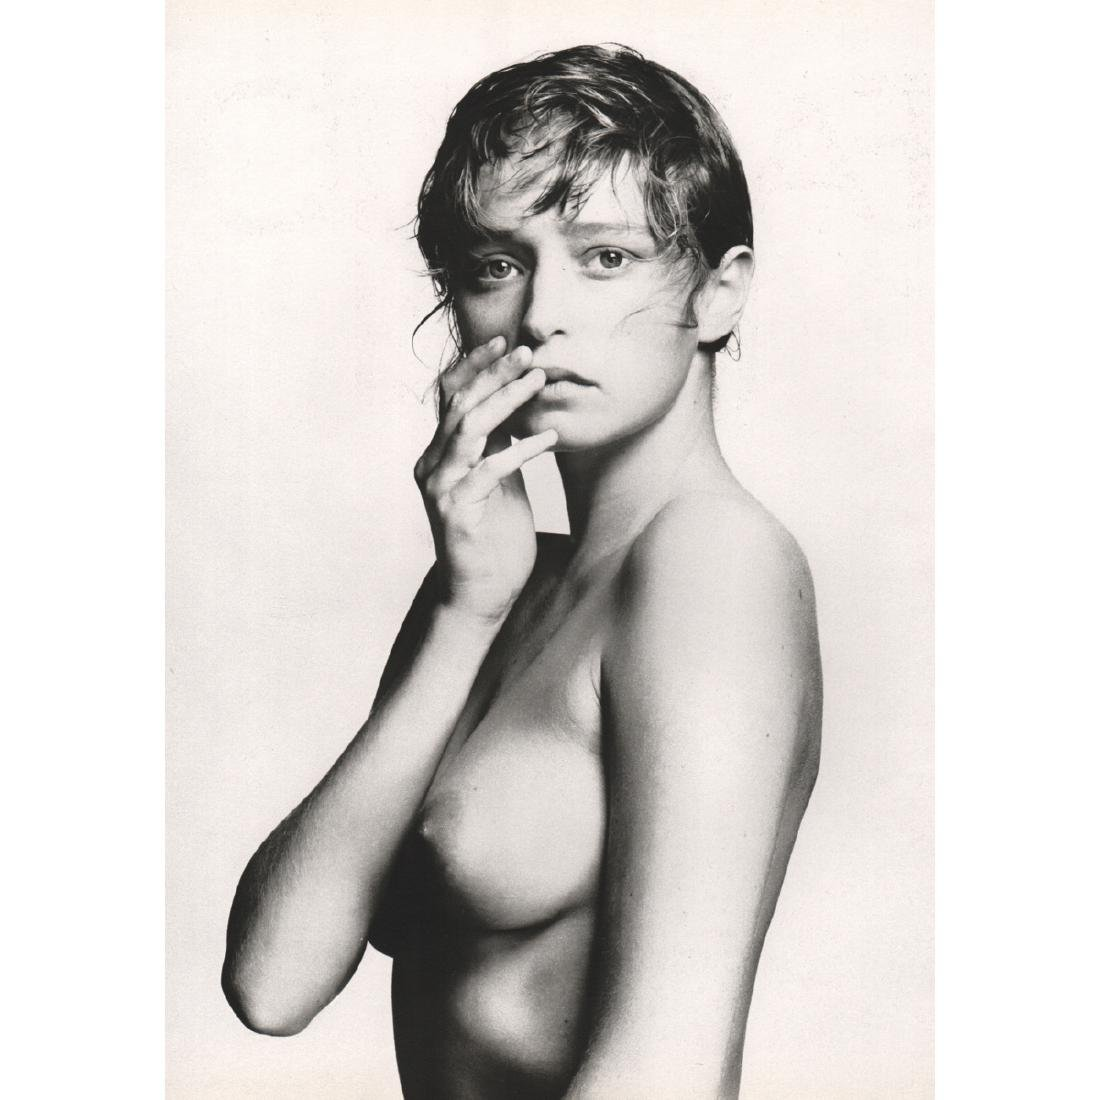 FABRIZIO FERRI - Nude